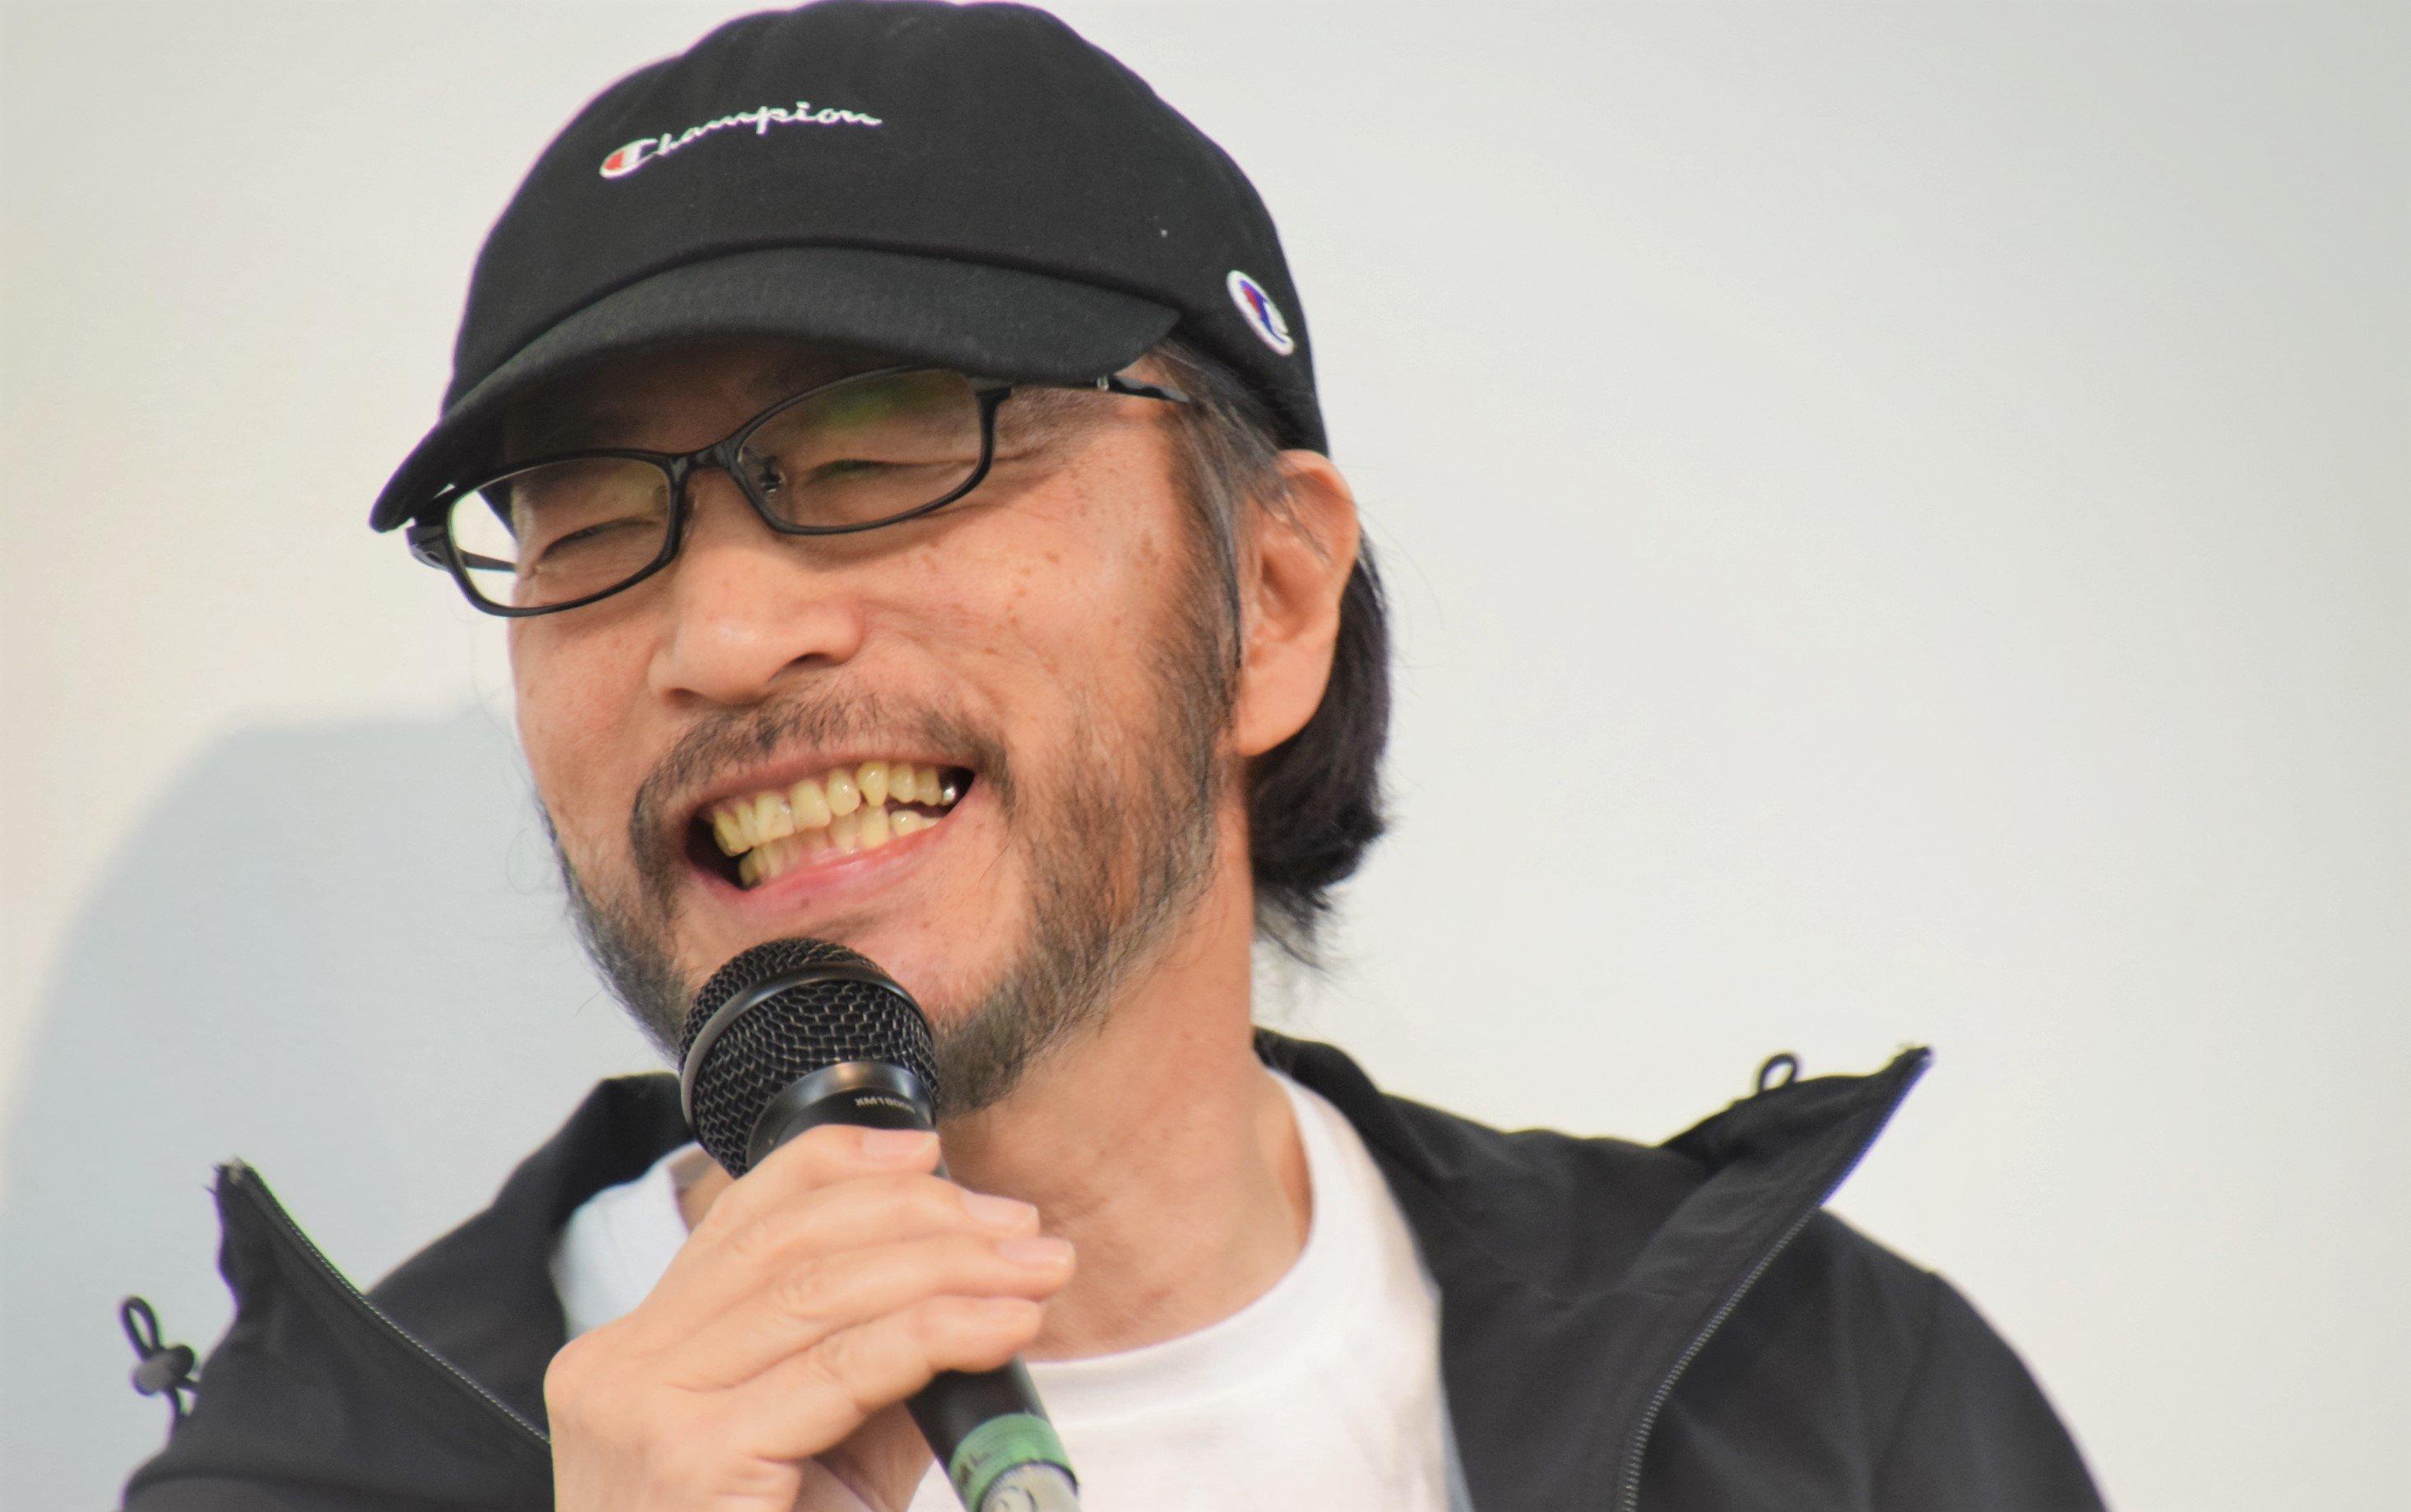 """こち亀作者、秋本治さんが語るマンガの神髄。生みの苦しみと楽しさは""""ネーム""""にある"""